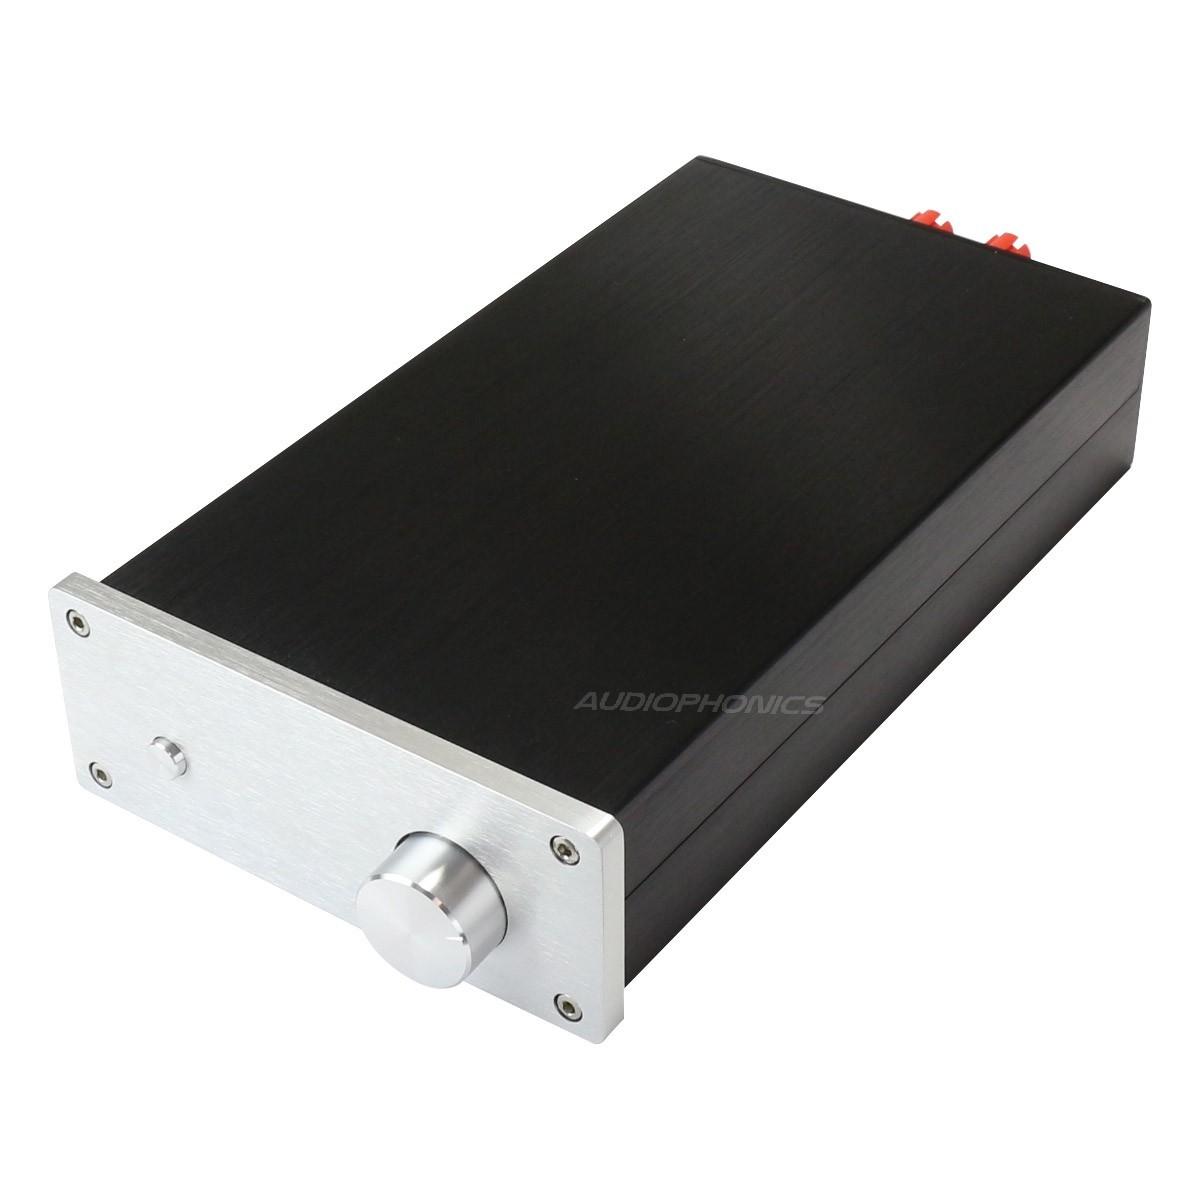 Boîtier DIY Amplificateur Aluminium 154x60x261mm Noir / Argent